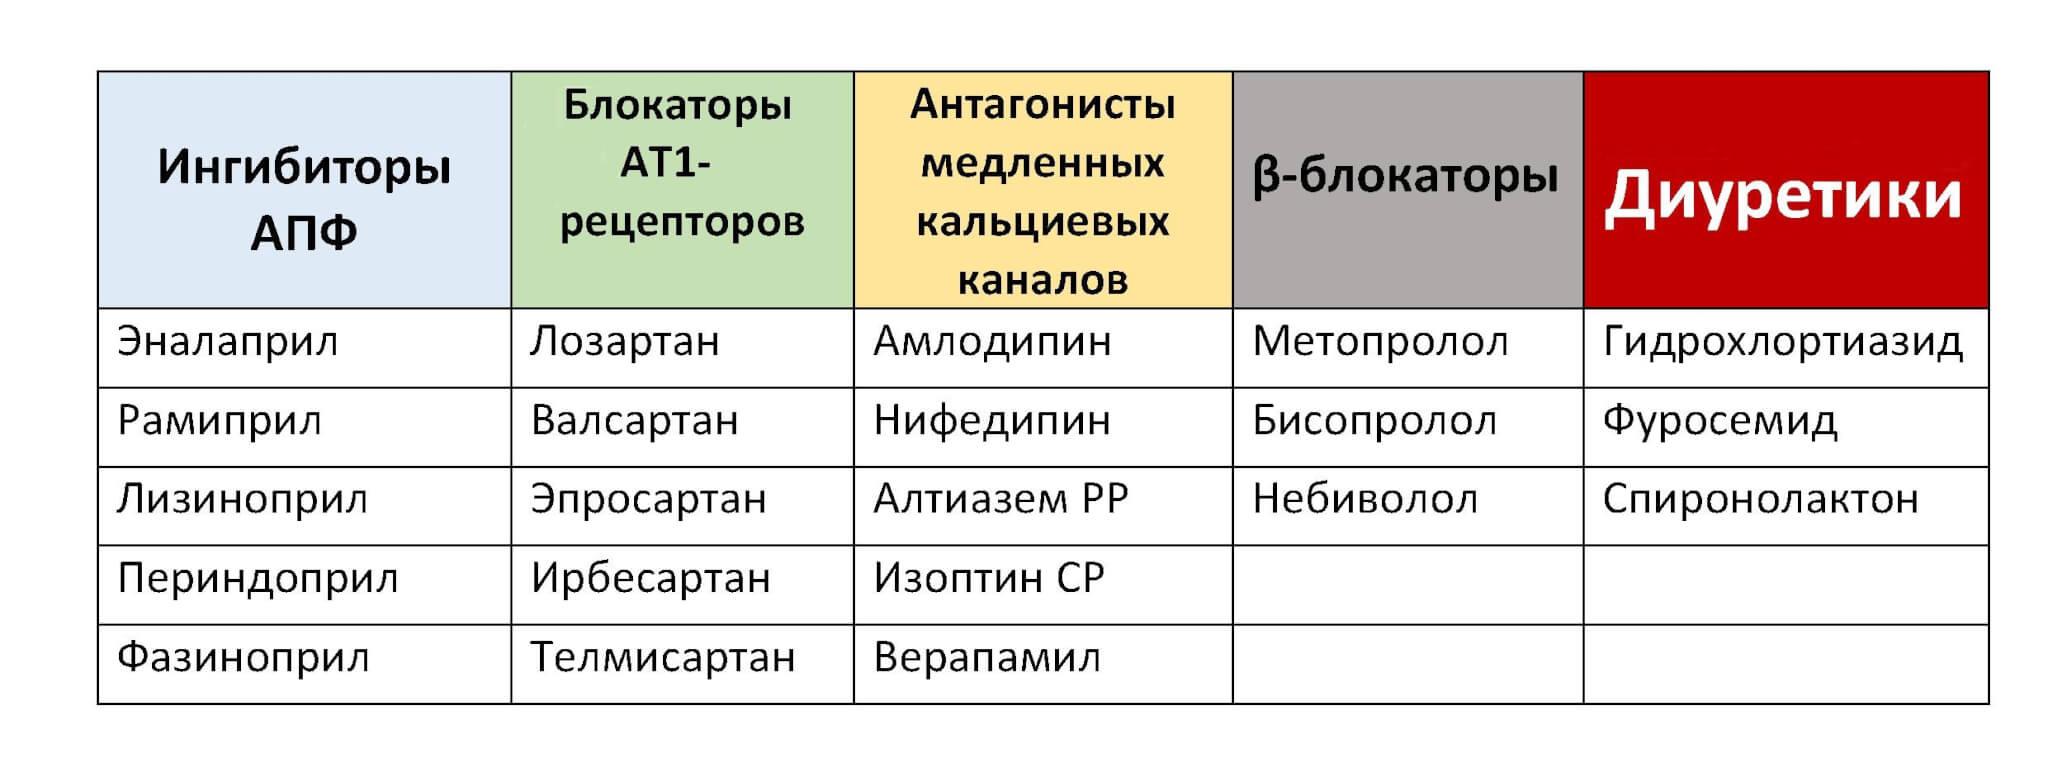 hipertenzijos slėgio šuoliai)